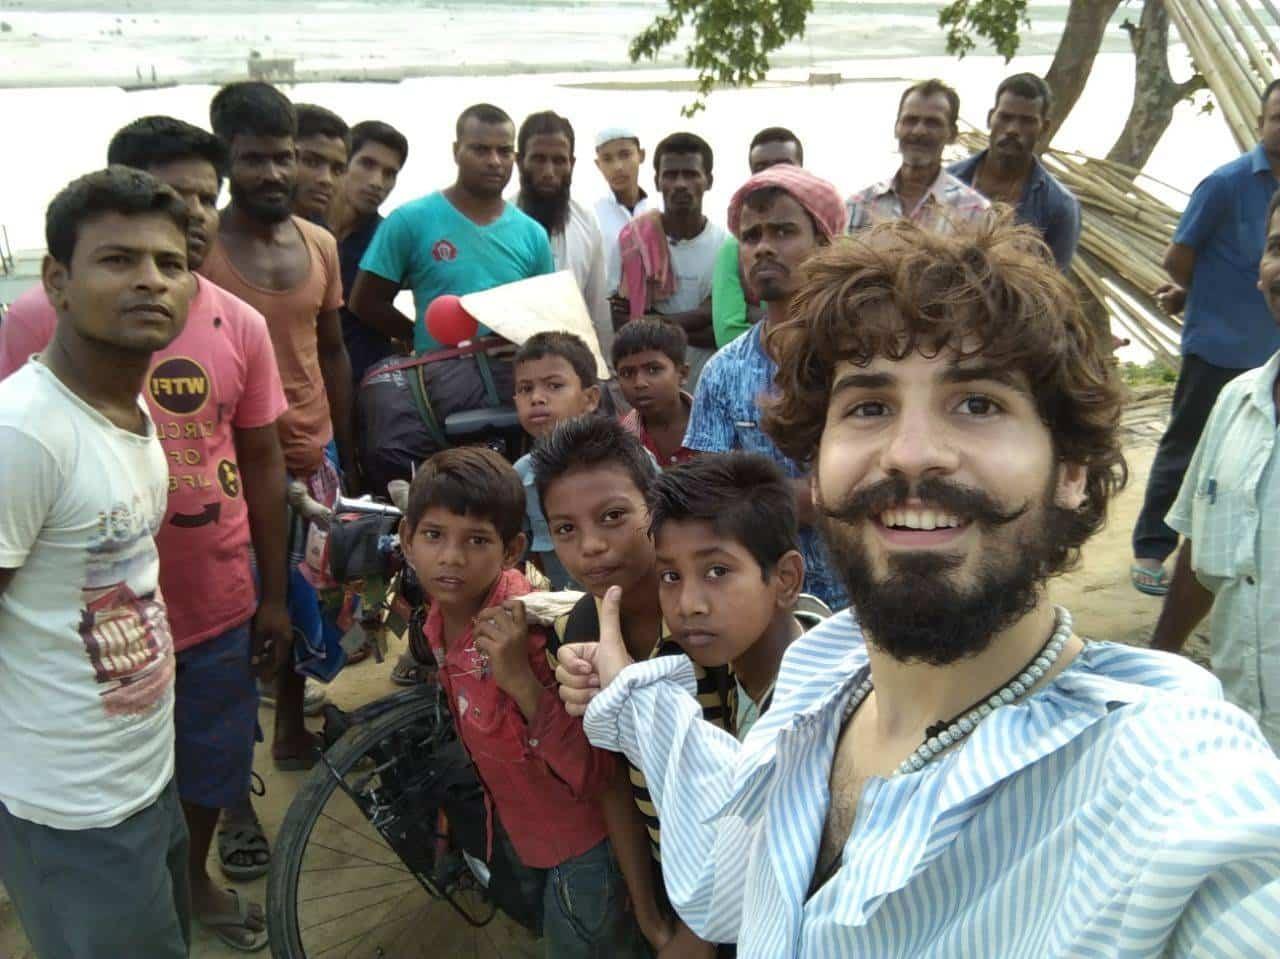 Elias Escrina Perle por el mundo y sus peripecias hasta llegar a Bangla Desh24 - Elías Escribano llega a Bangladesh. Crónica de Perlé por el mundo